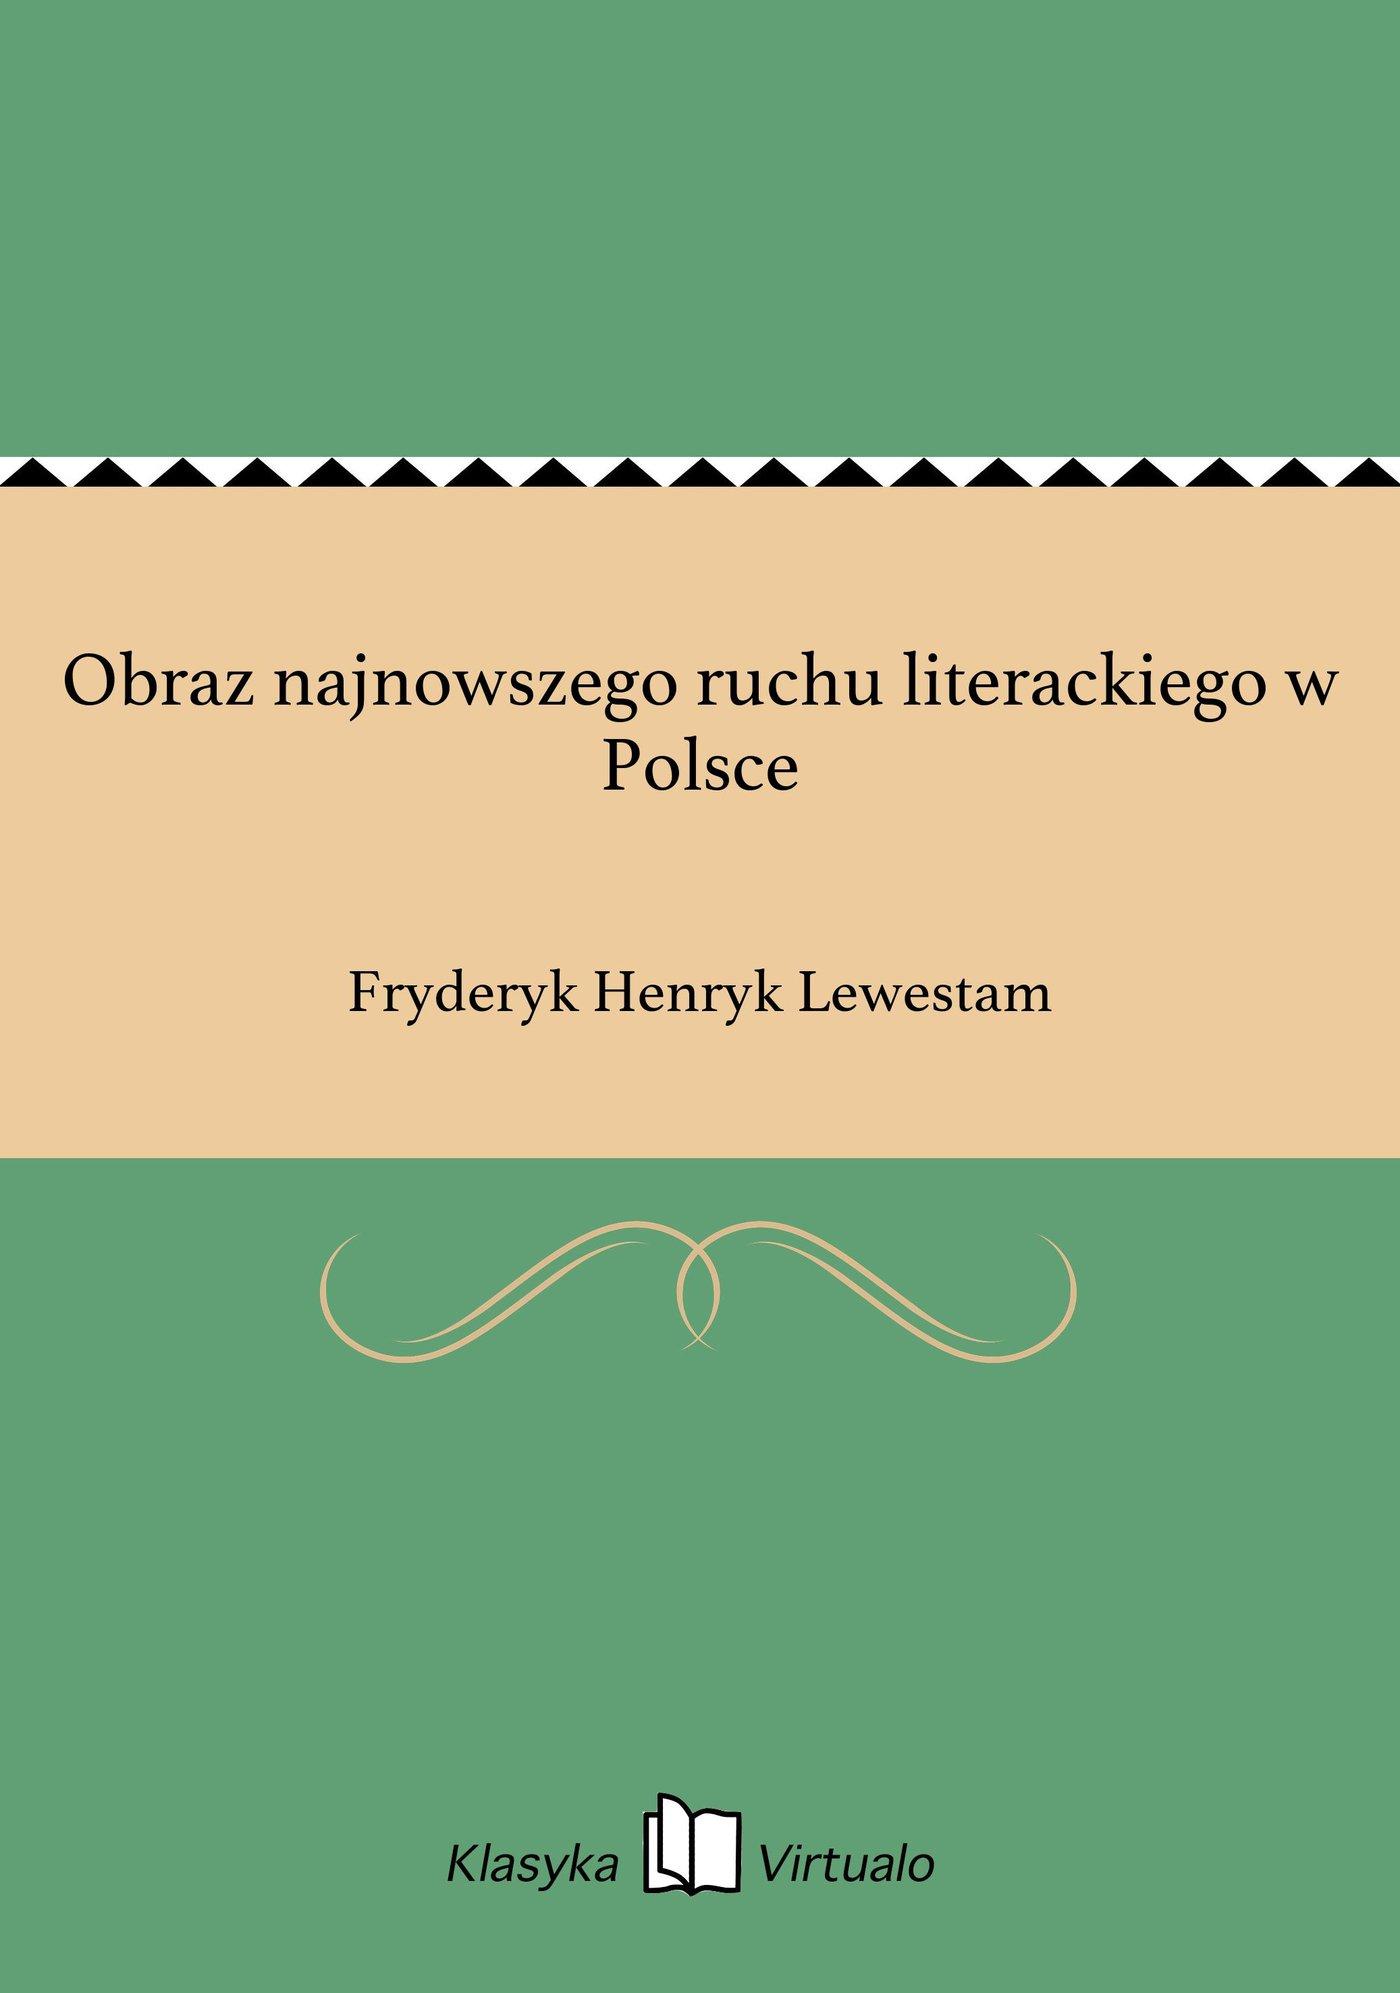 Obraz najnowszego ruchu literackiego w Polsce - Ebook (Książka EPUB) do pobrania w formacie EPUB